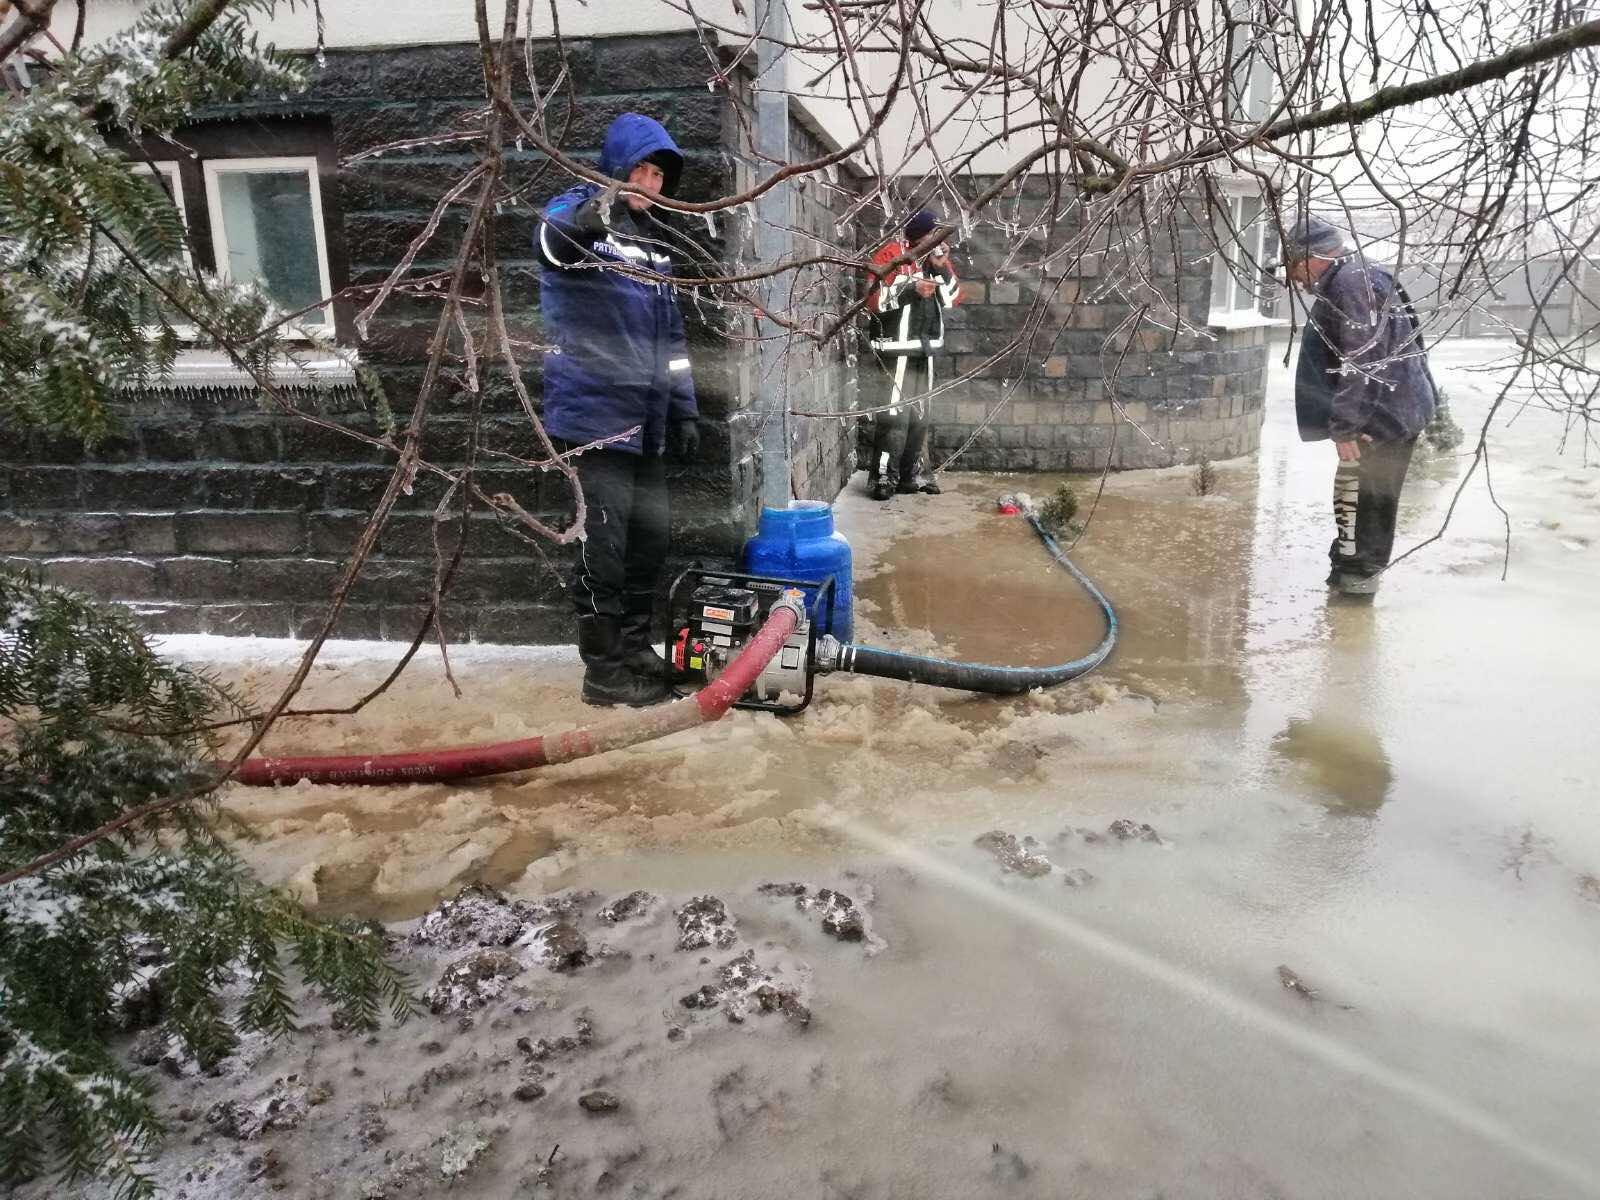 Закарпатские спасатели устраняют последствия паводка в населенных пунктах и готовятся к ухудшению погодных условий.